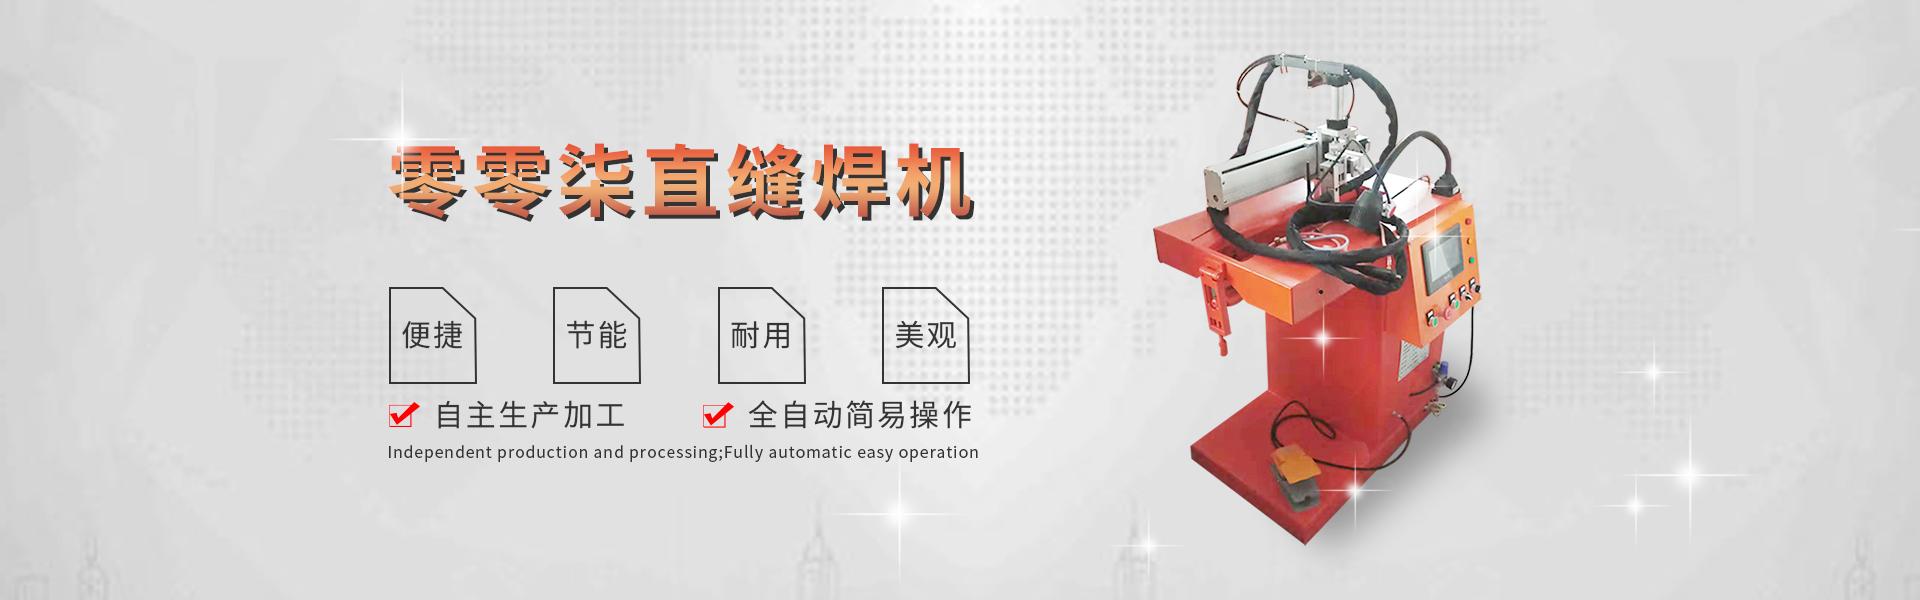 深圳卡诺谱机器人,机器人焊接厂家